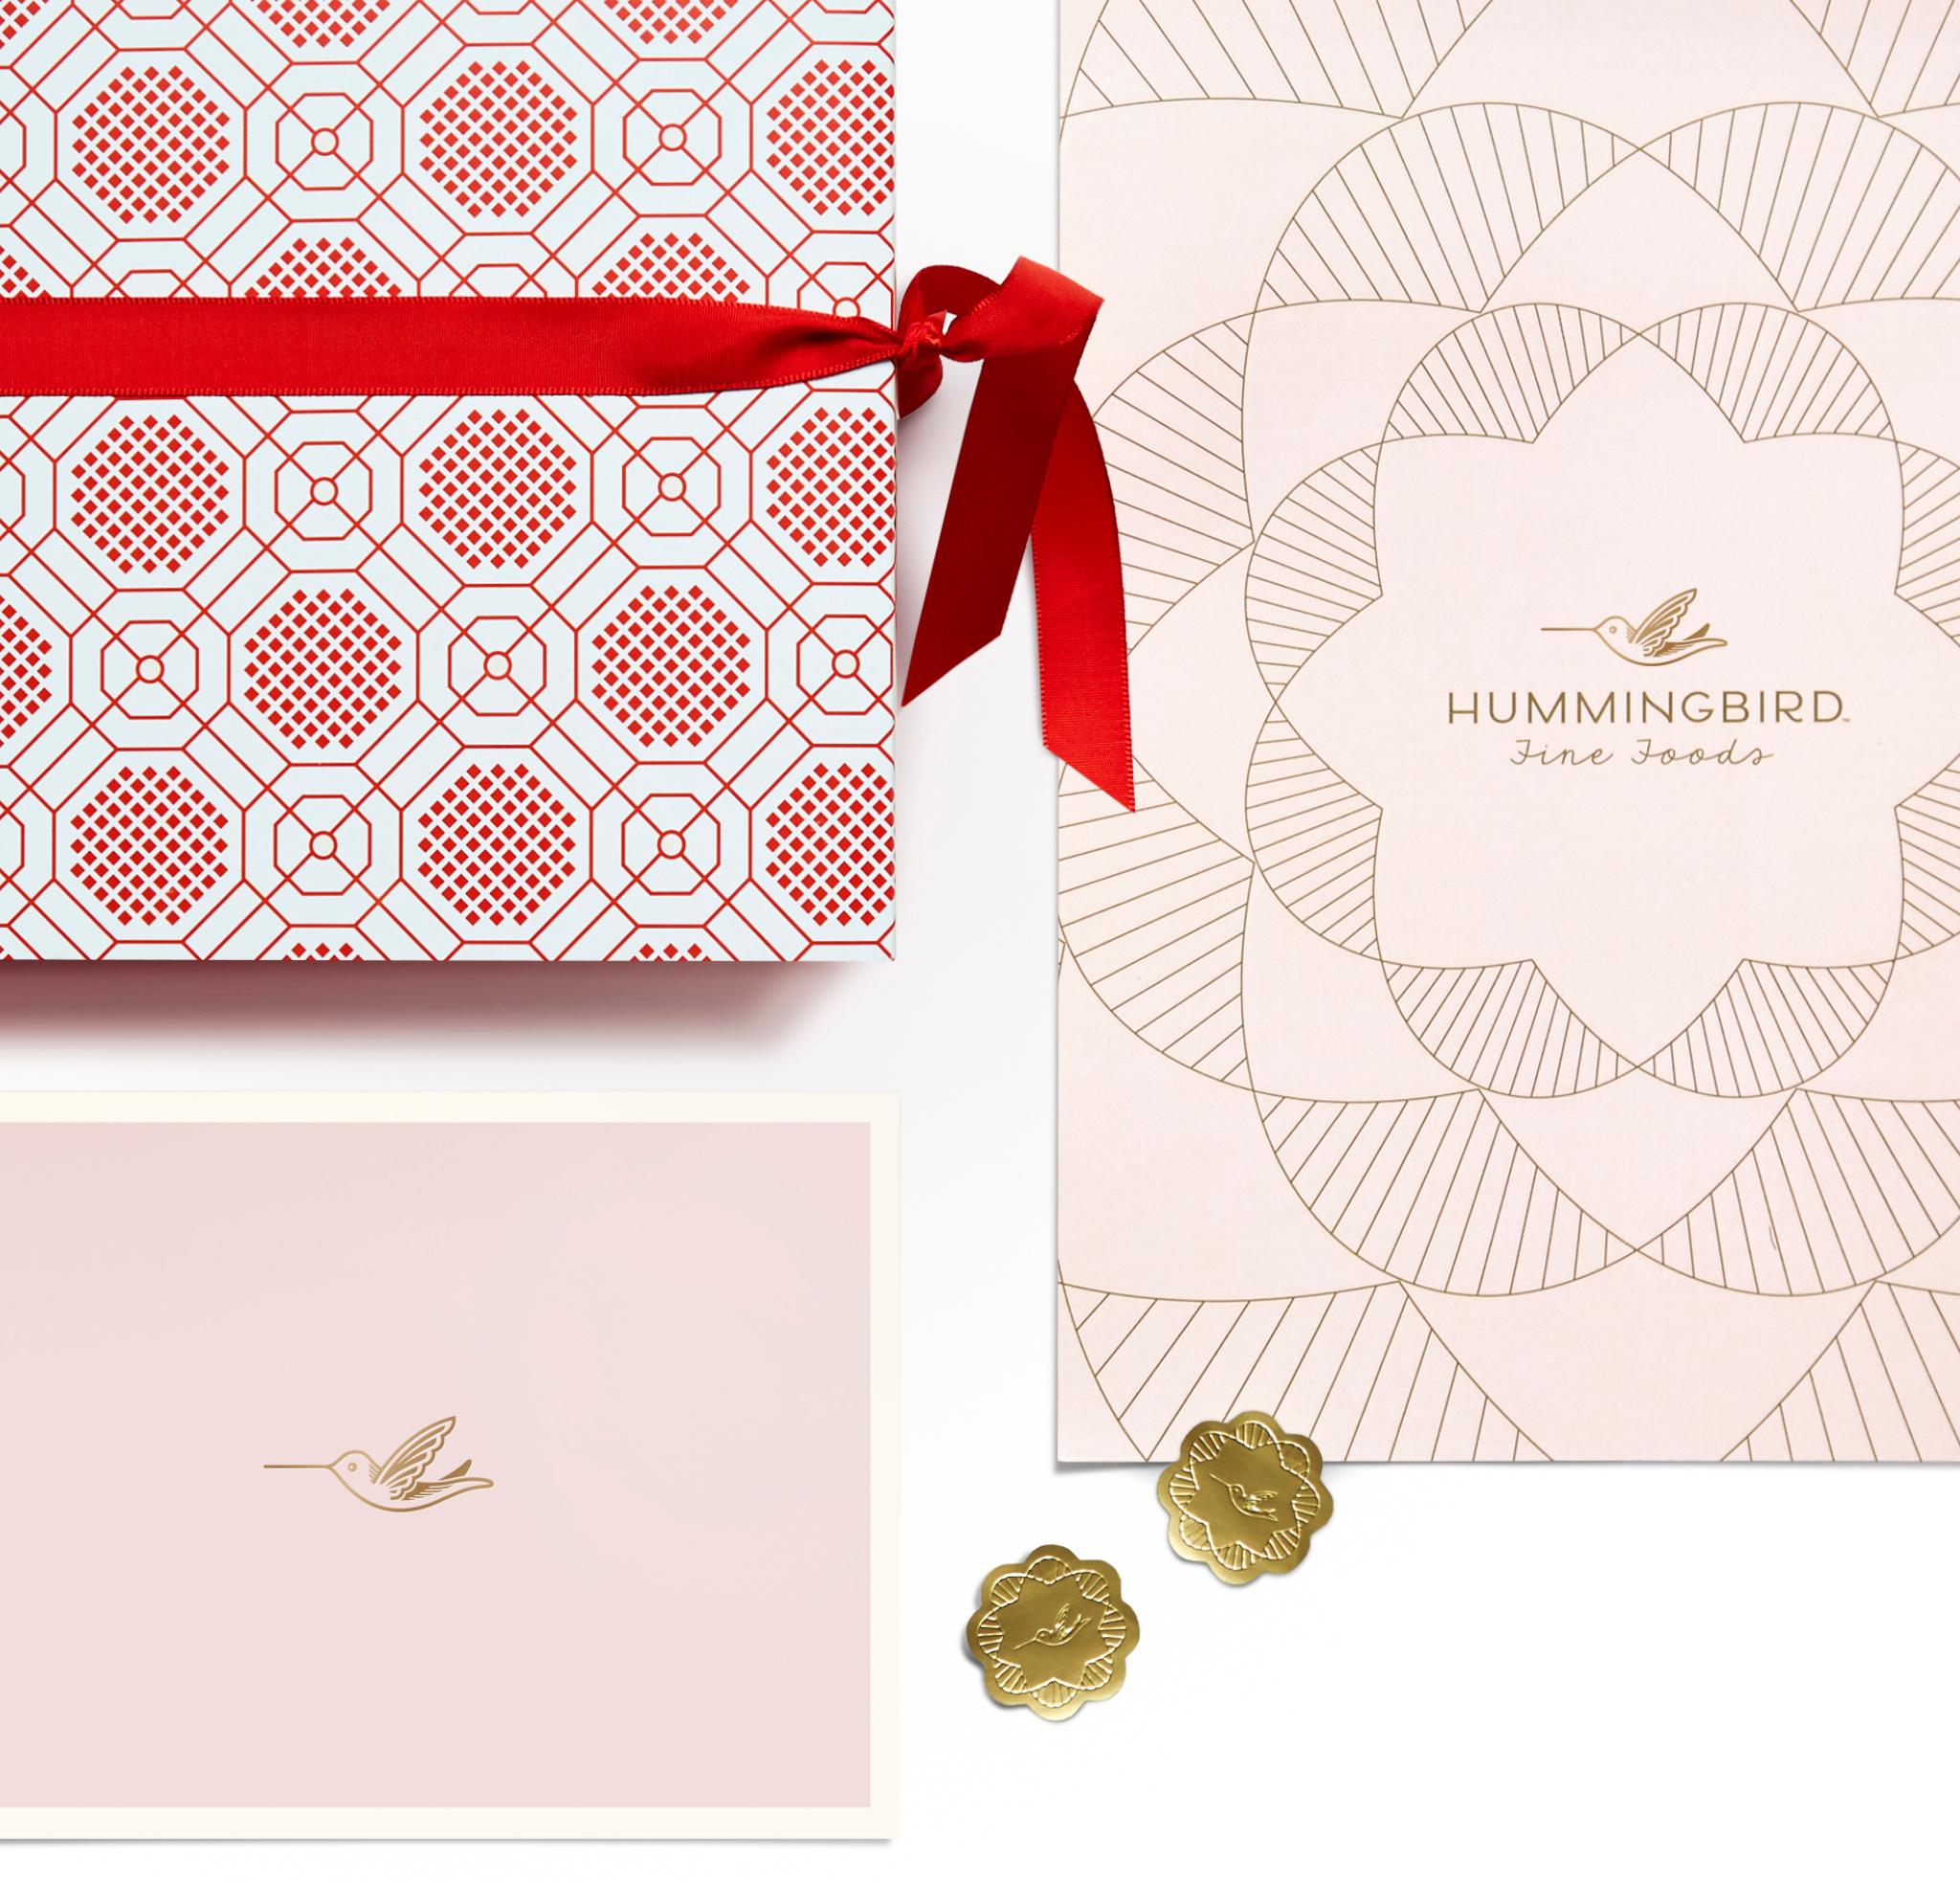 Coosa-Hummingbird-Fine-Foods-09.jpg